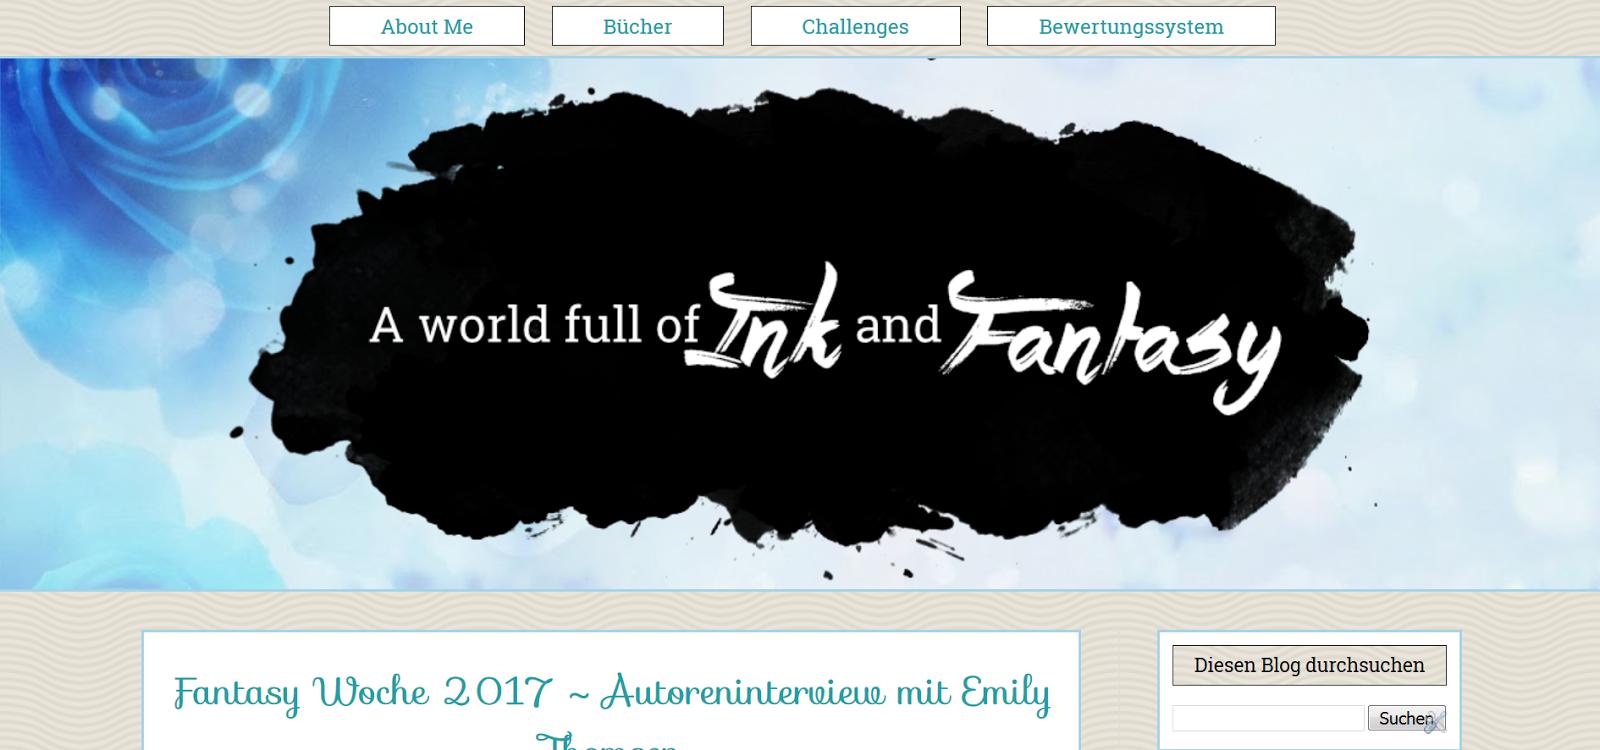 https://silencesbuecherwelt.blogspot.de/